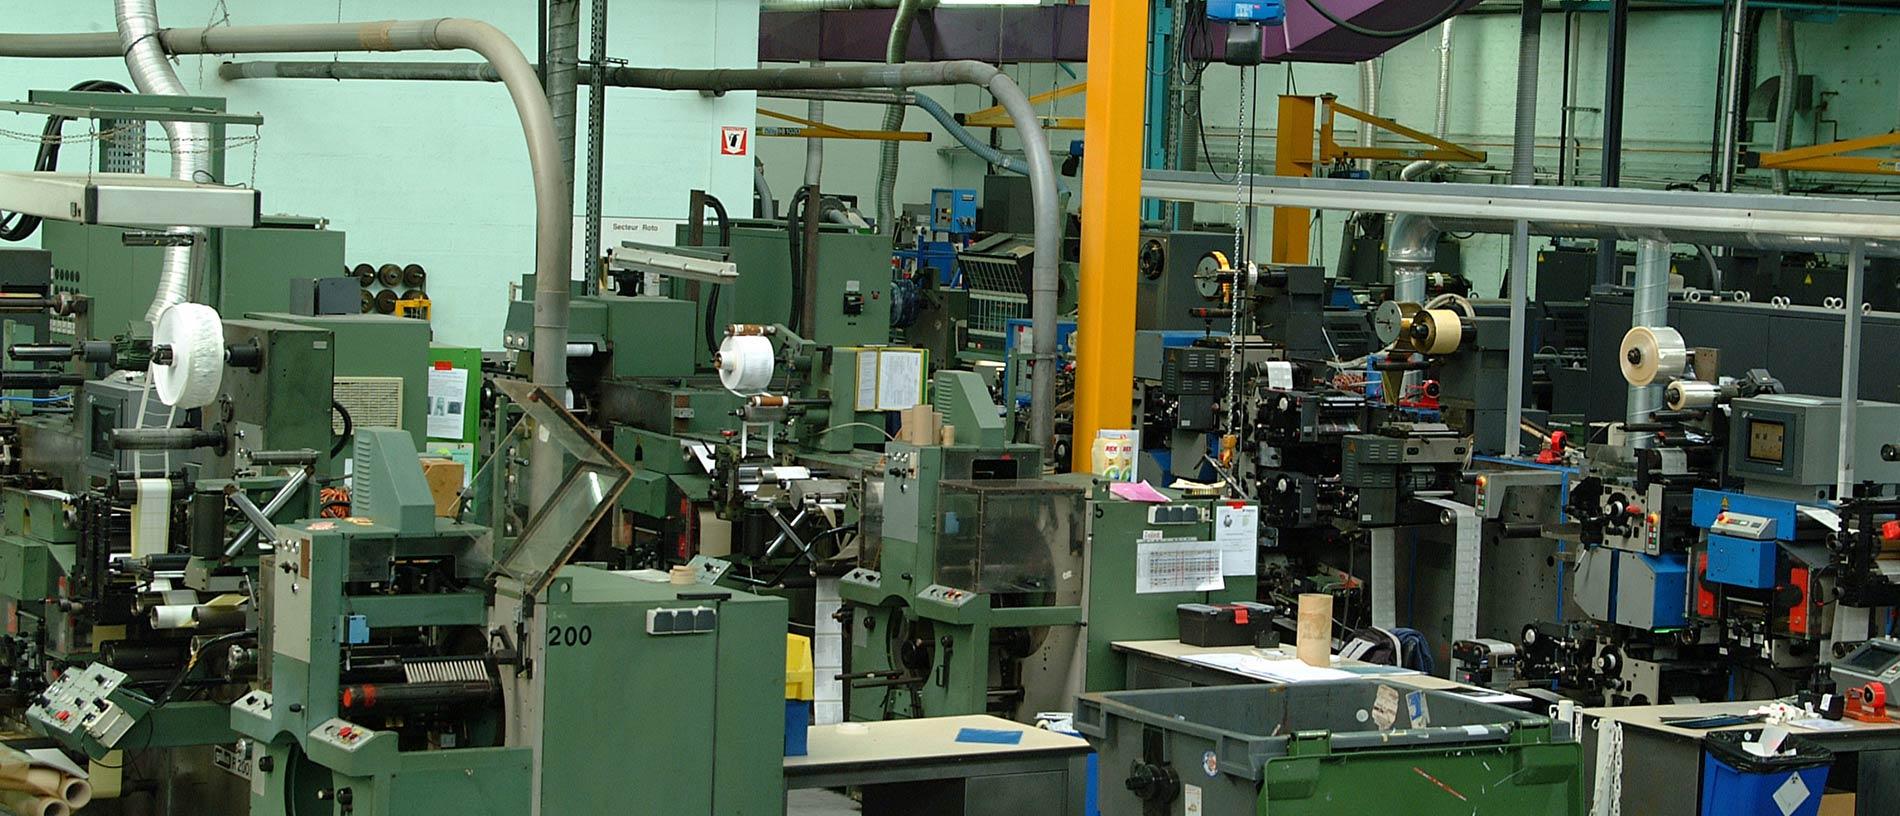 Accueil Process automatisme industriel Saint Genis l'Argentiere 69